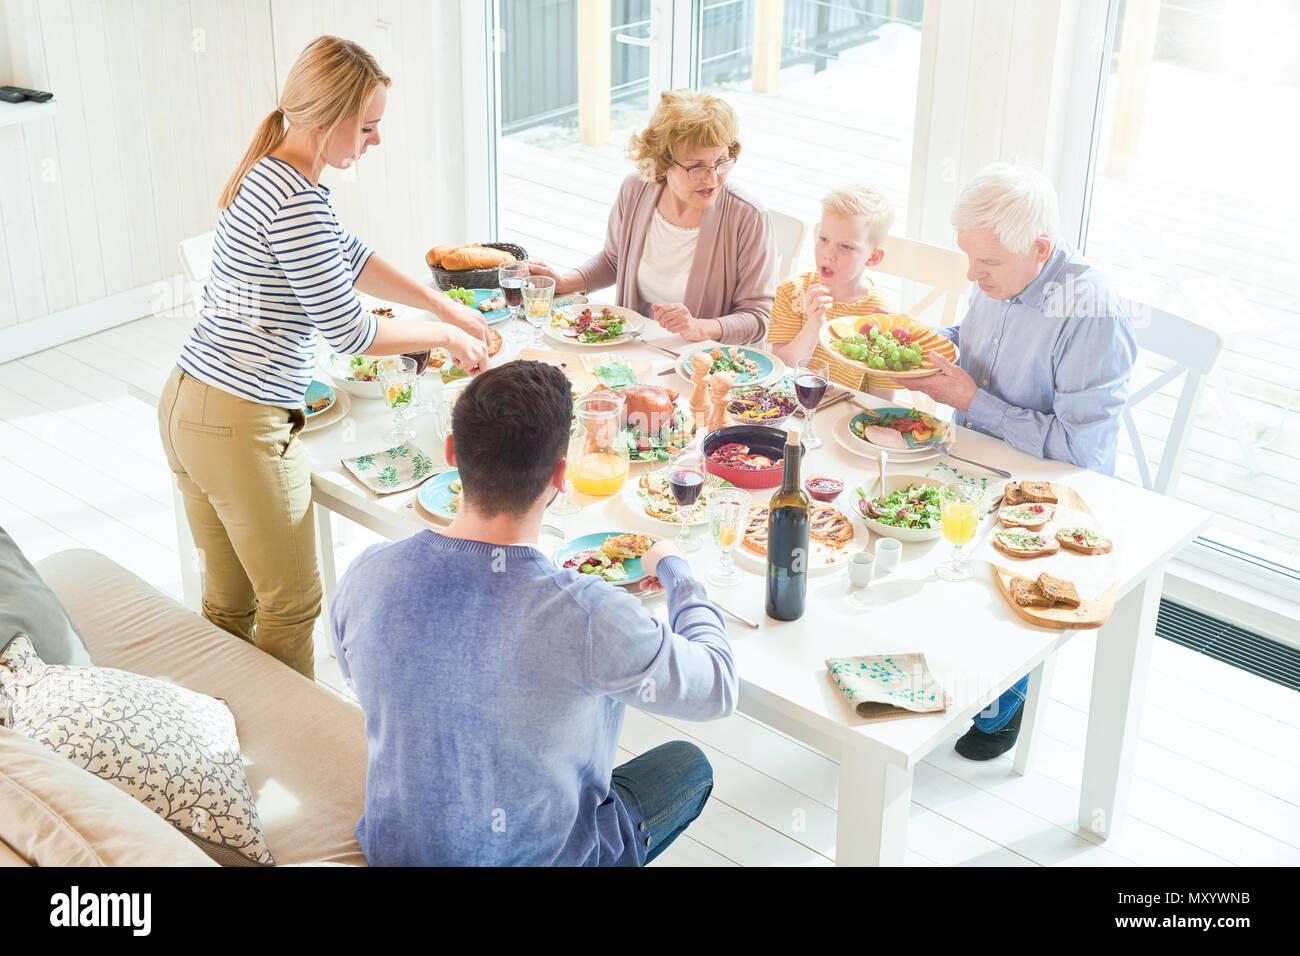 Portrait von glückliche zwei Generation Familie Abendessen sitzen gemeinsam am festlich gedeckten Tisch mit köstlichen Gerichten während der Ferien Feier in sunli Stockbild